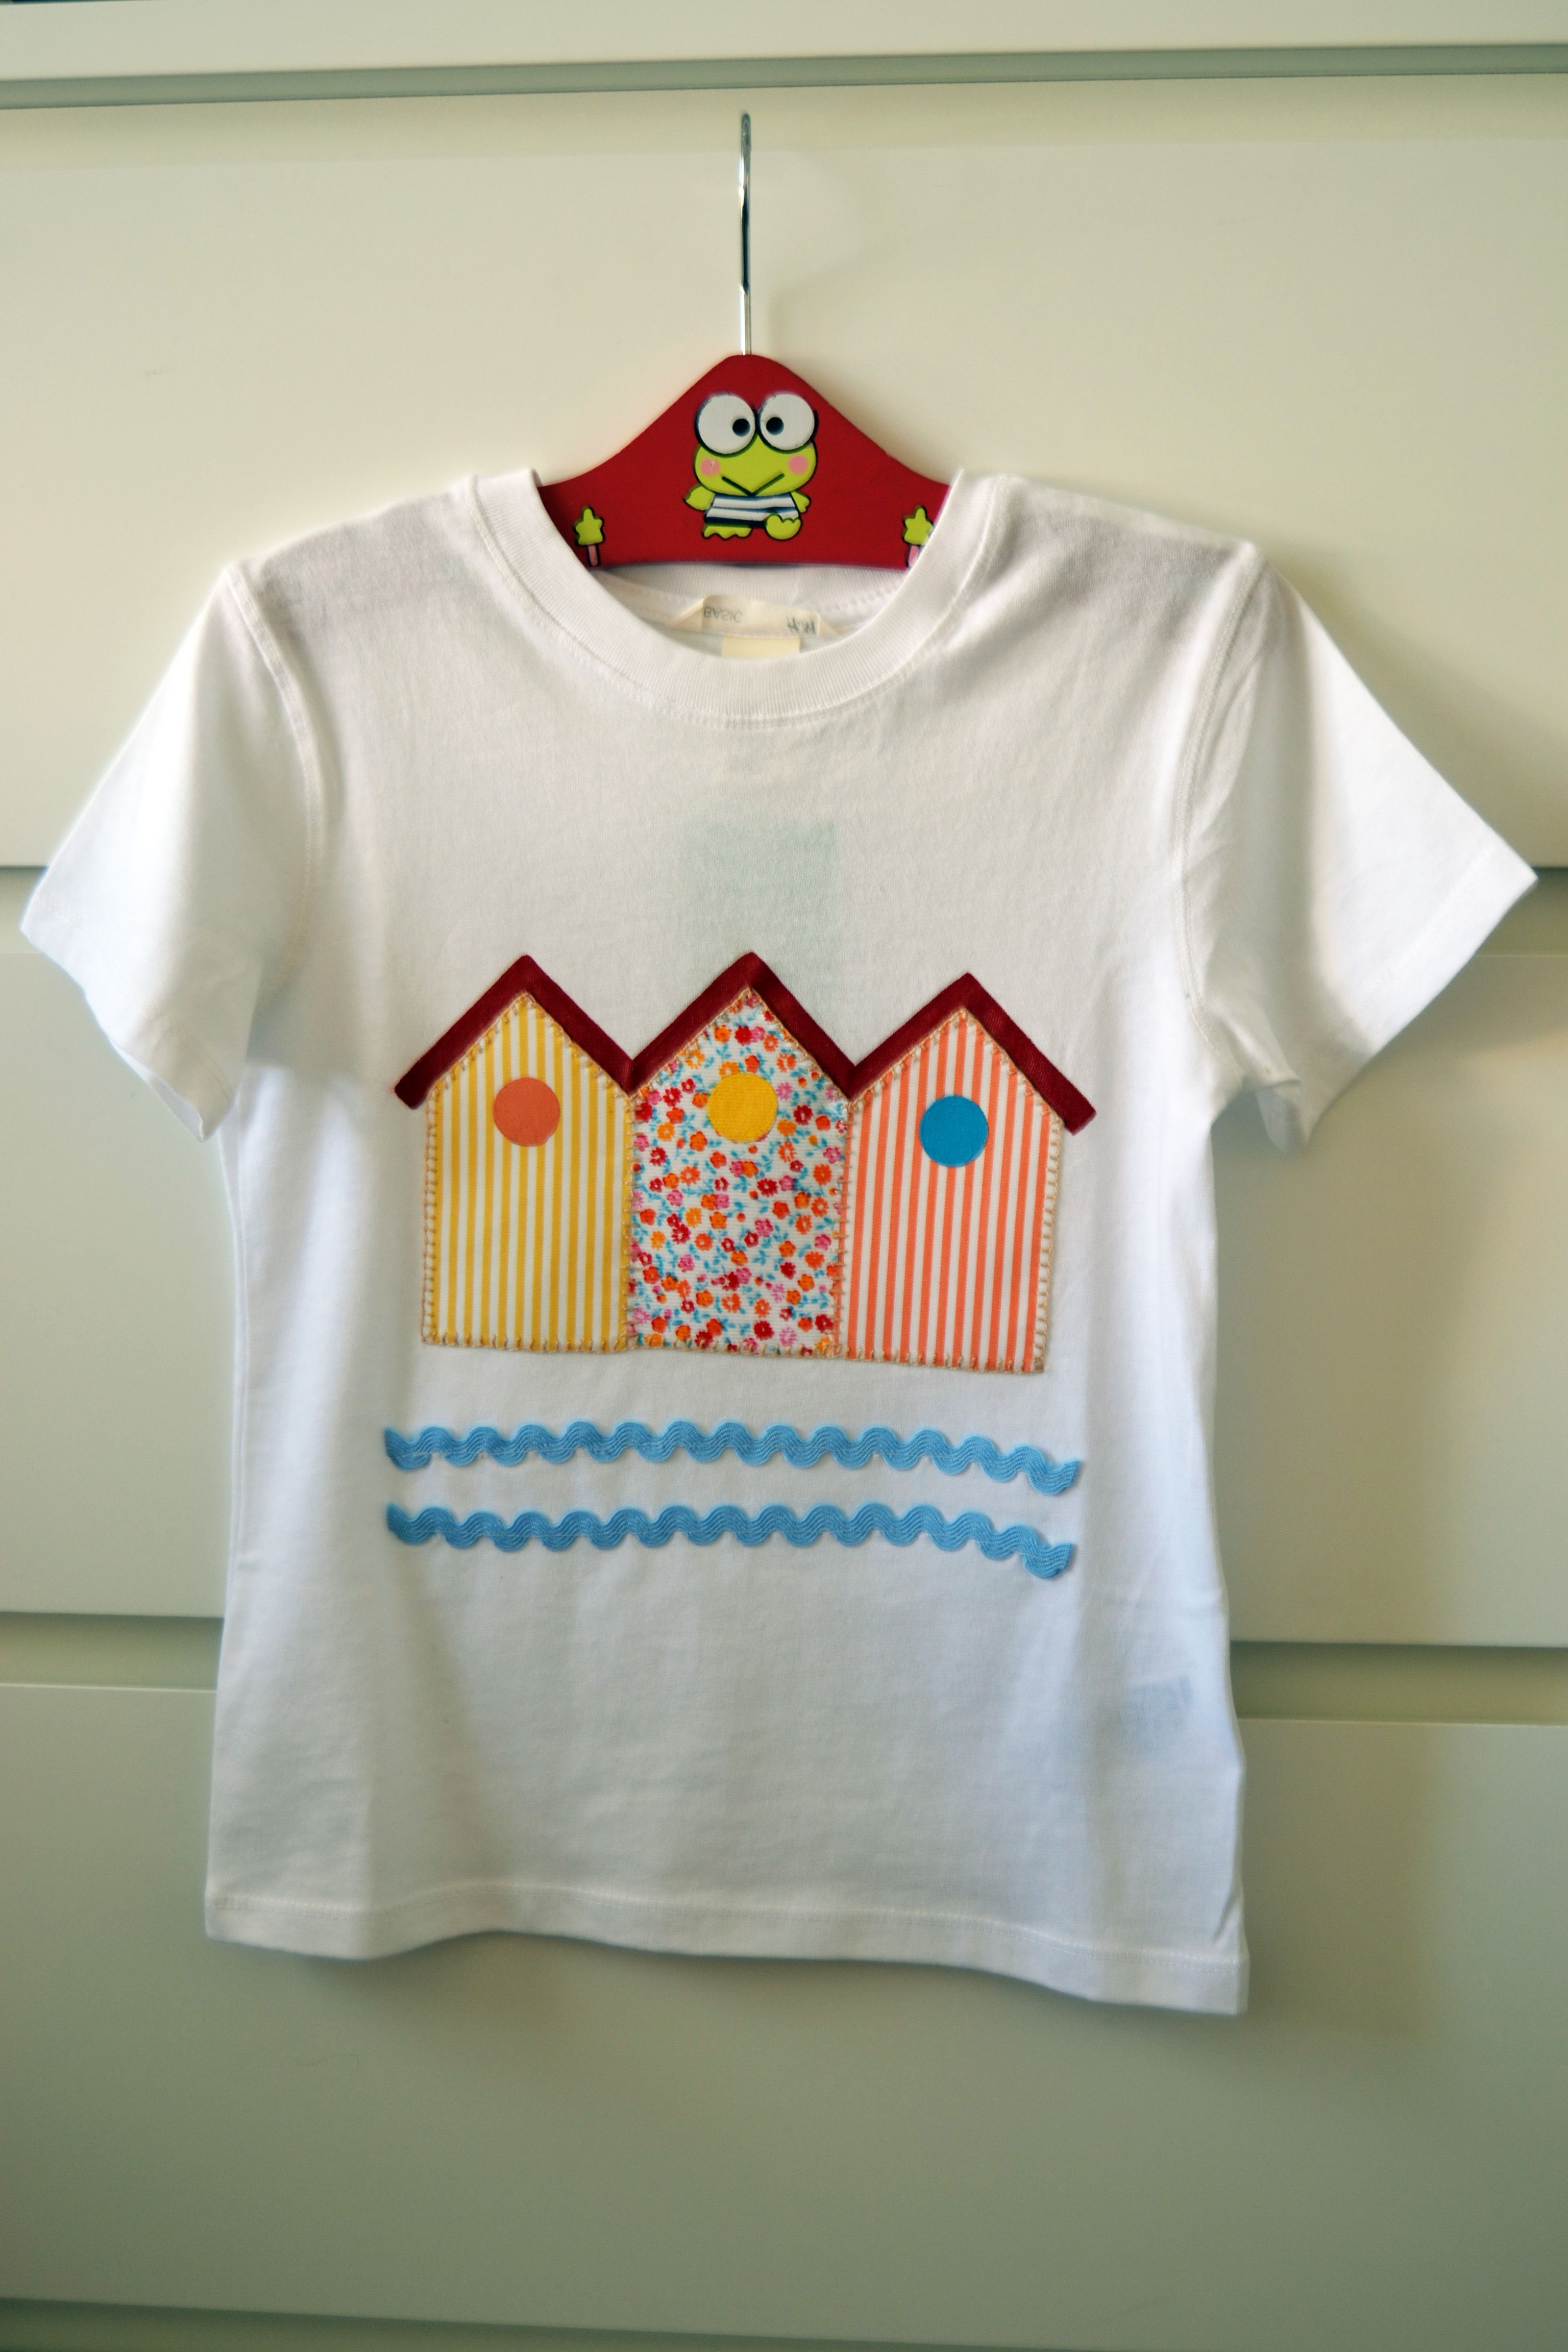 Camiseta Decorada Con Tela Y Pintura Todo Hecho A Mano  ~ Ideas Para Decorar Camisetas Infantiles